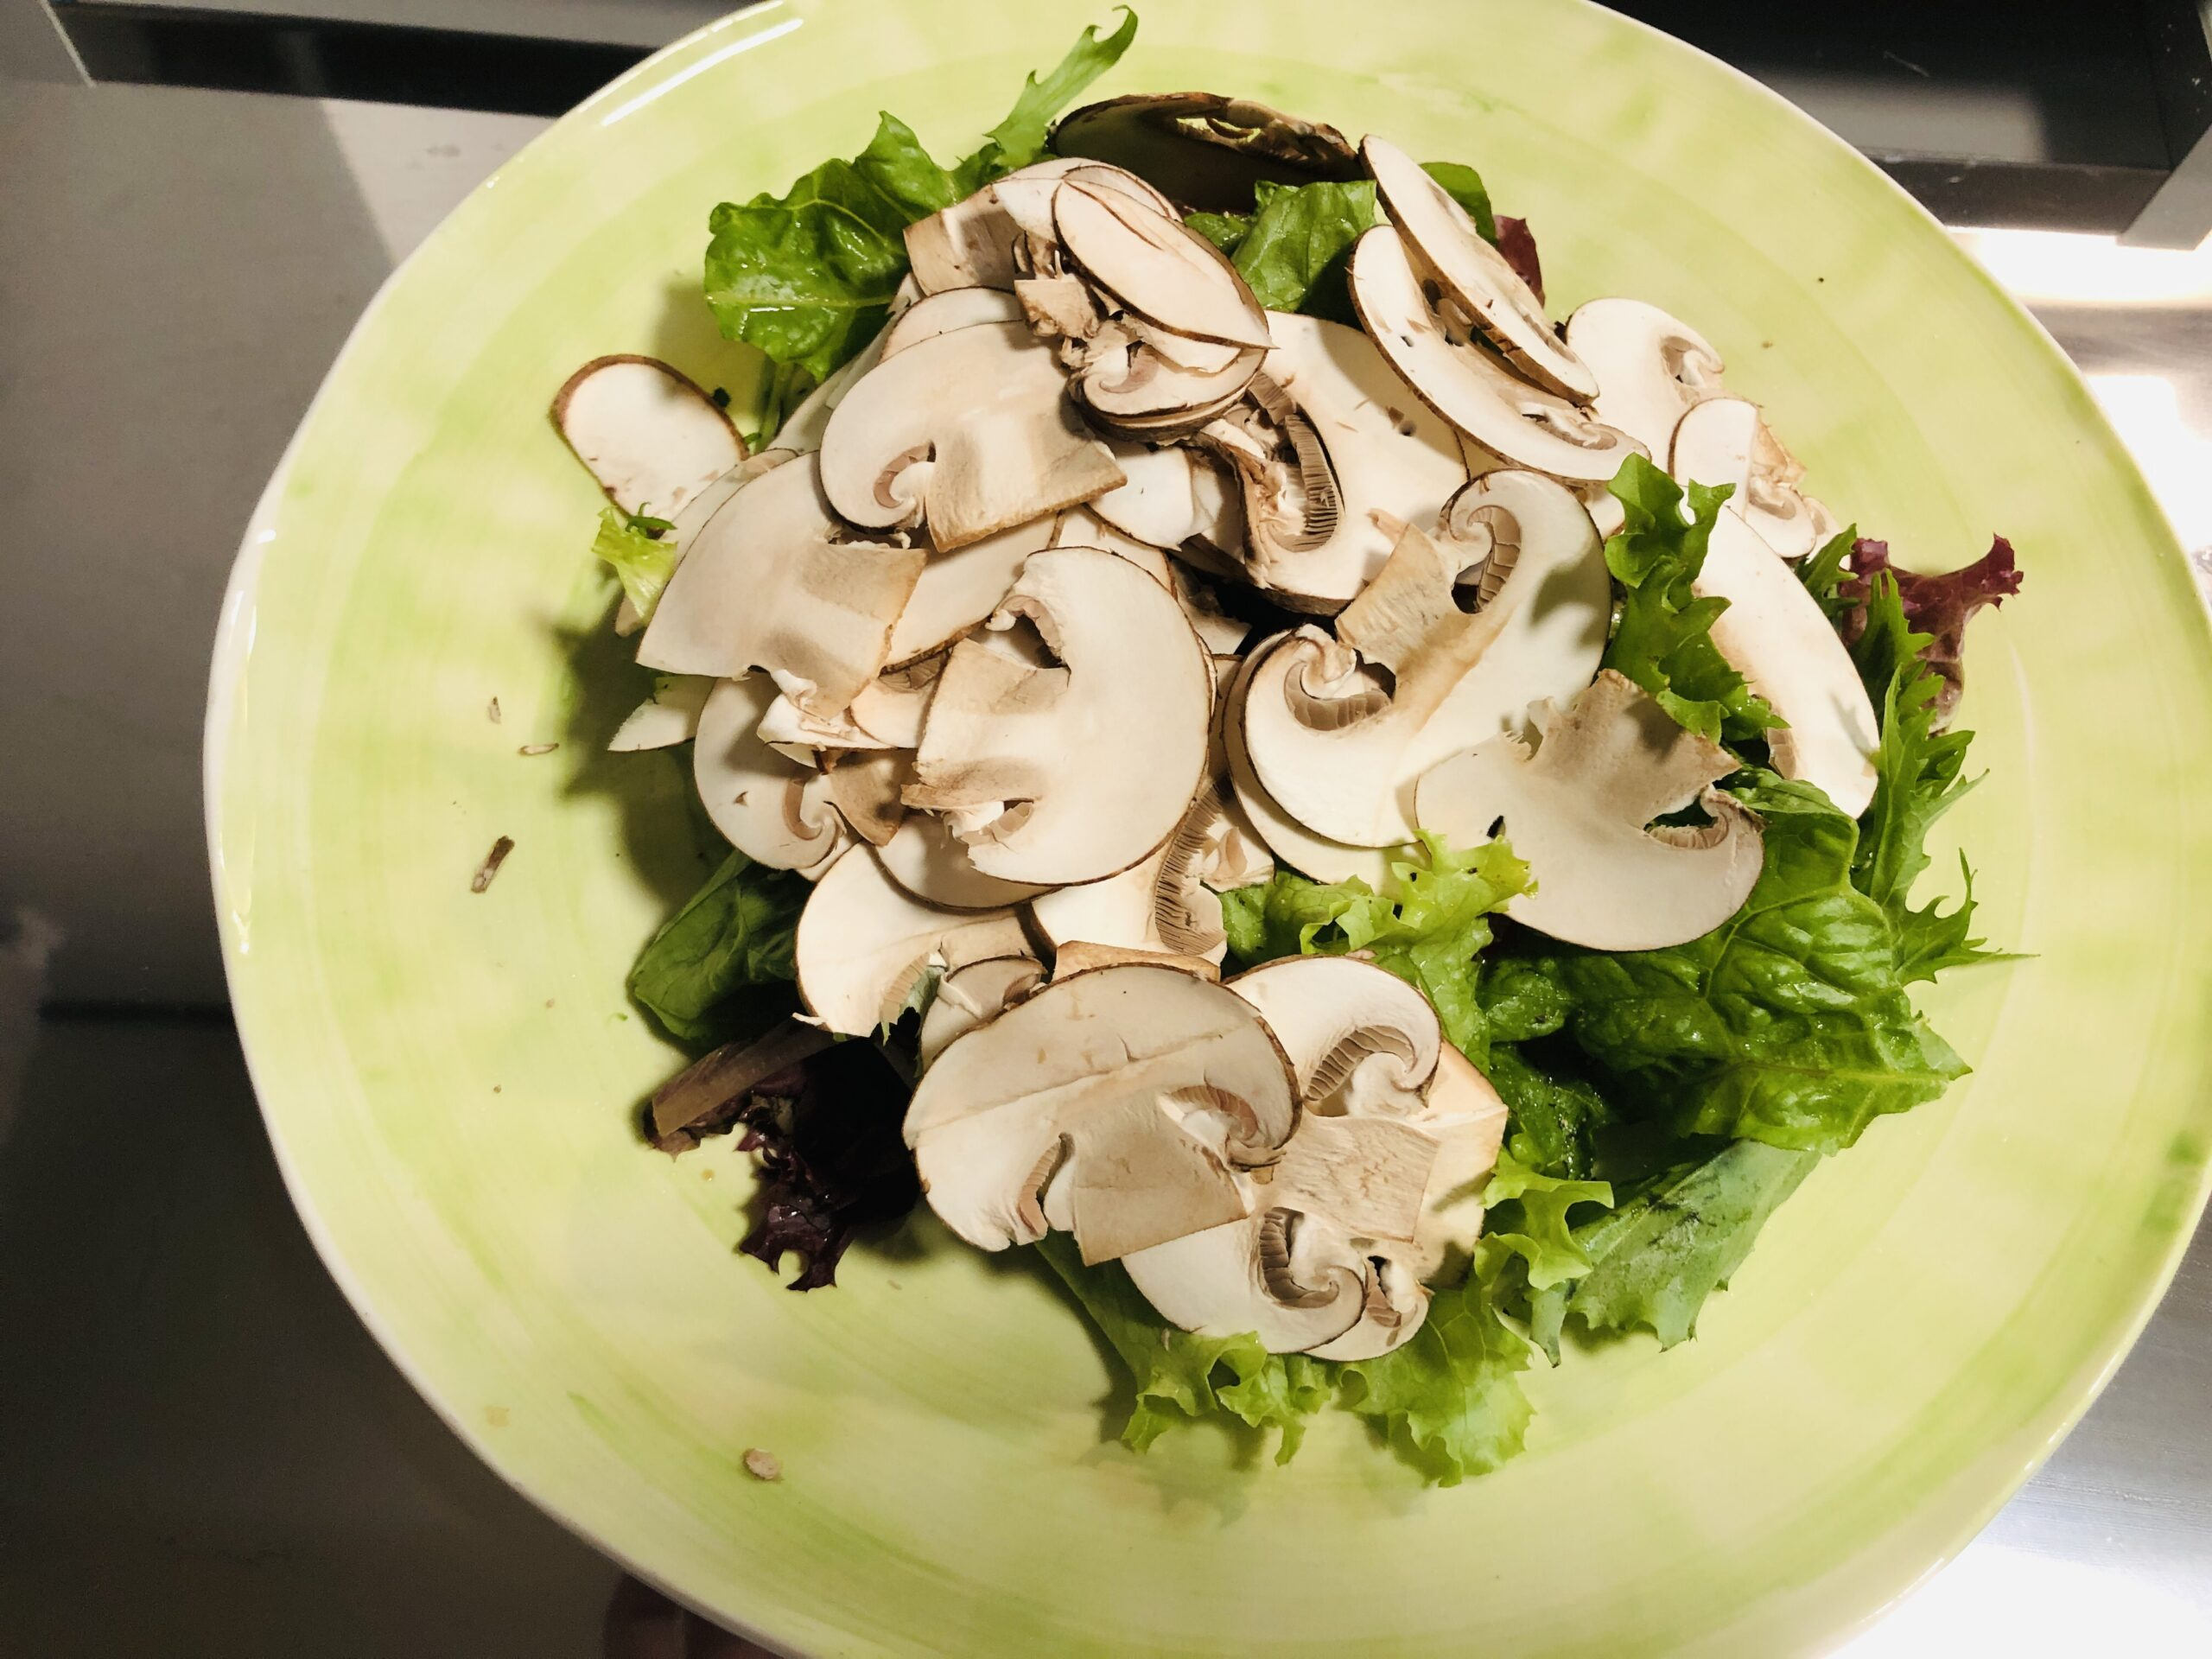 味付けしたサラダの上に生マッシュルームスライスを散らした状態の画像です